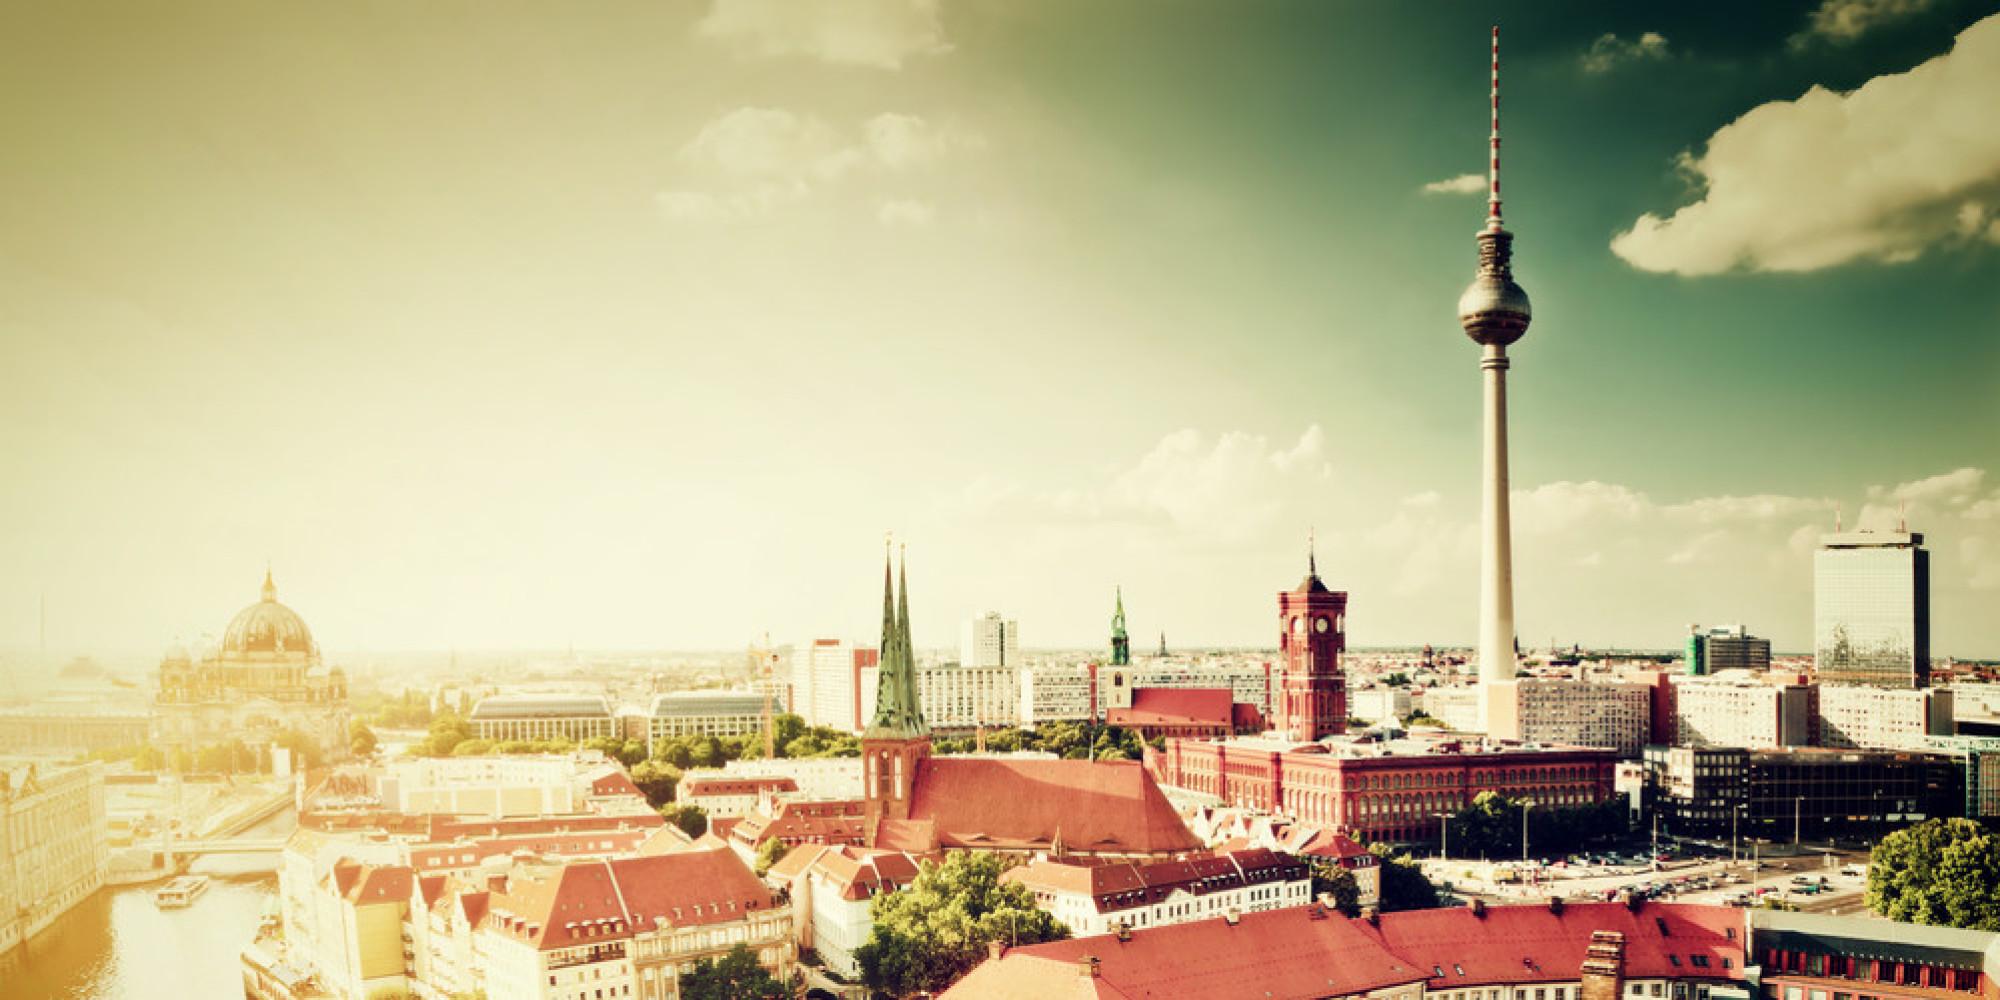 warum es sich lohnt in berlin zu leben heute die konditorei du bonheur ulrike hinrichs. Black Bedroom Furniture Sets. Home Design Ideas